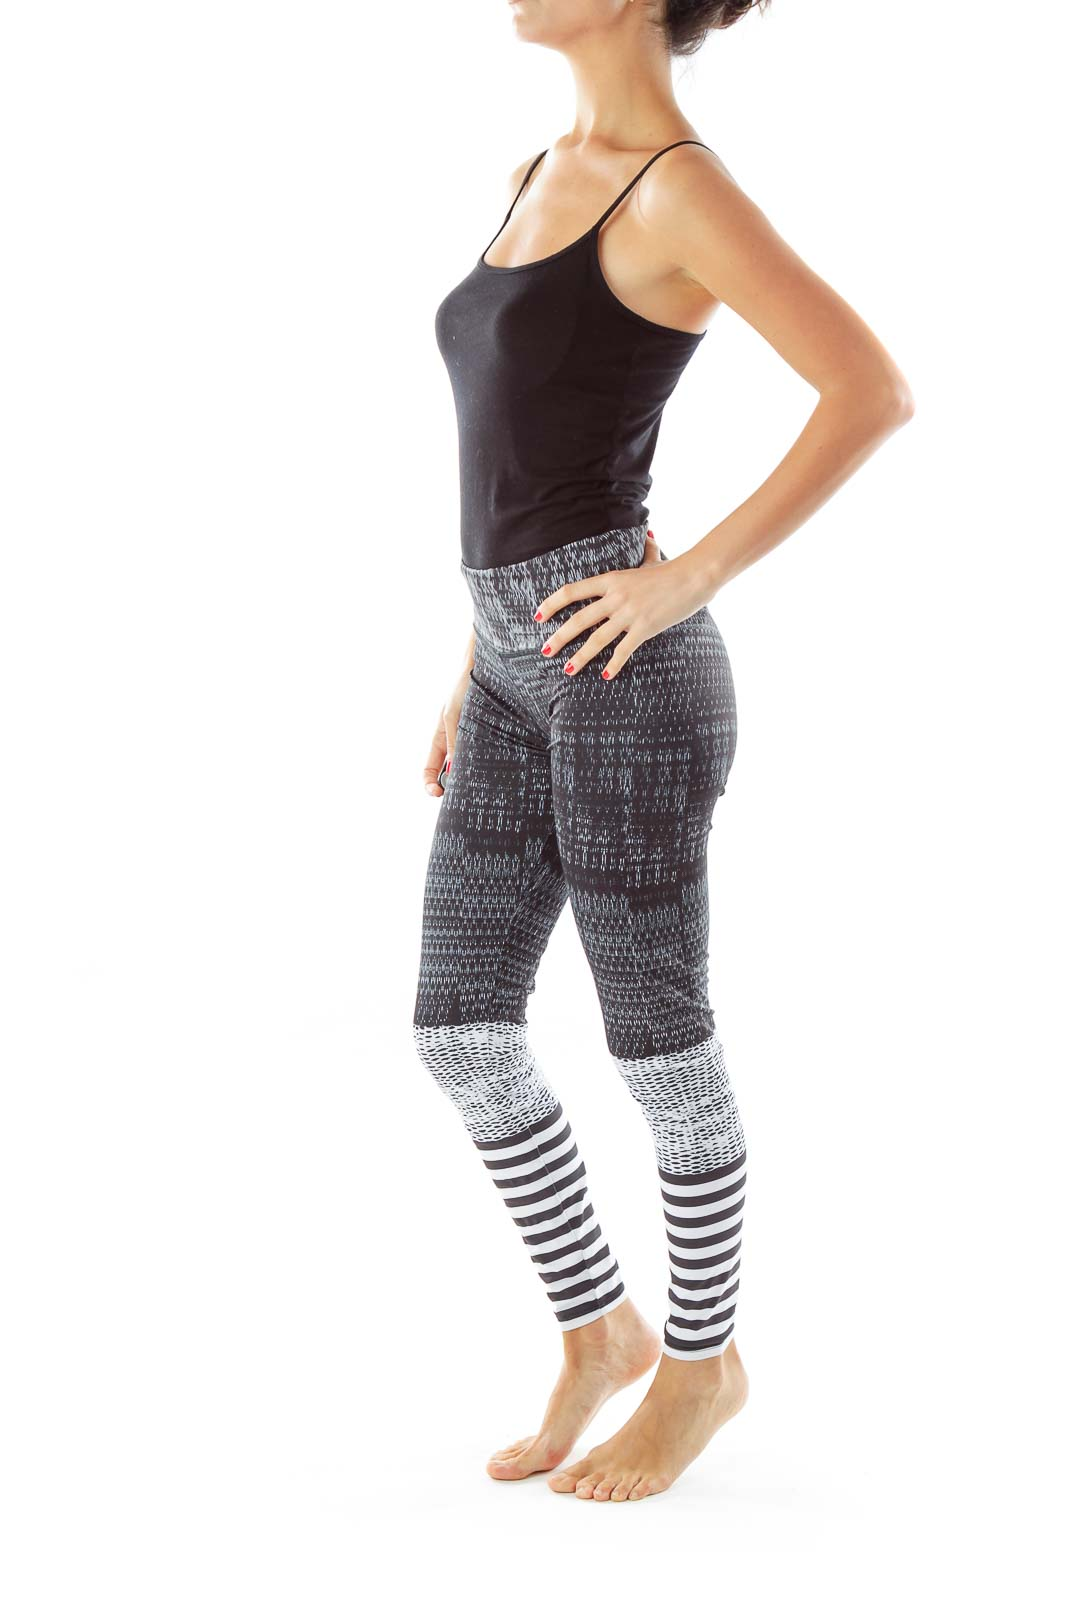 Black White Striped Yoga Pants